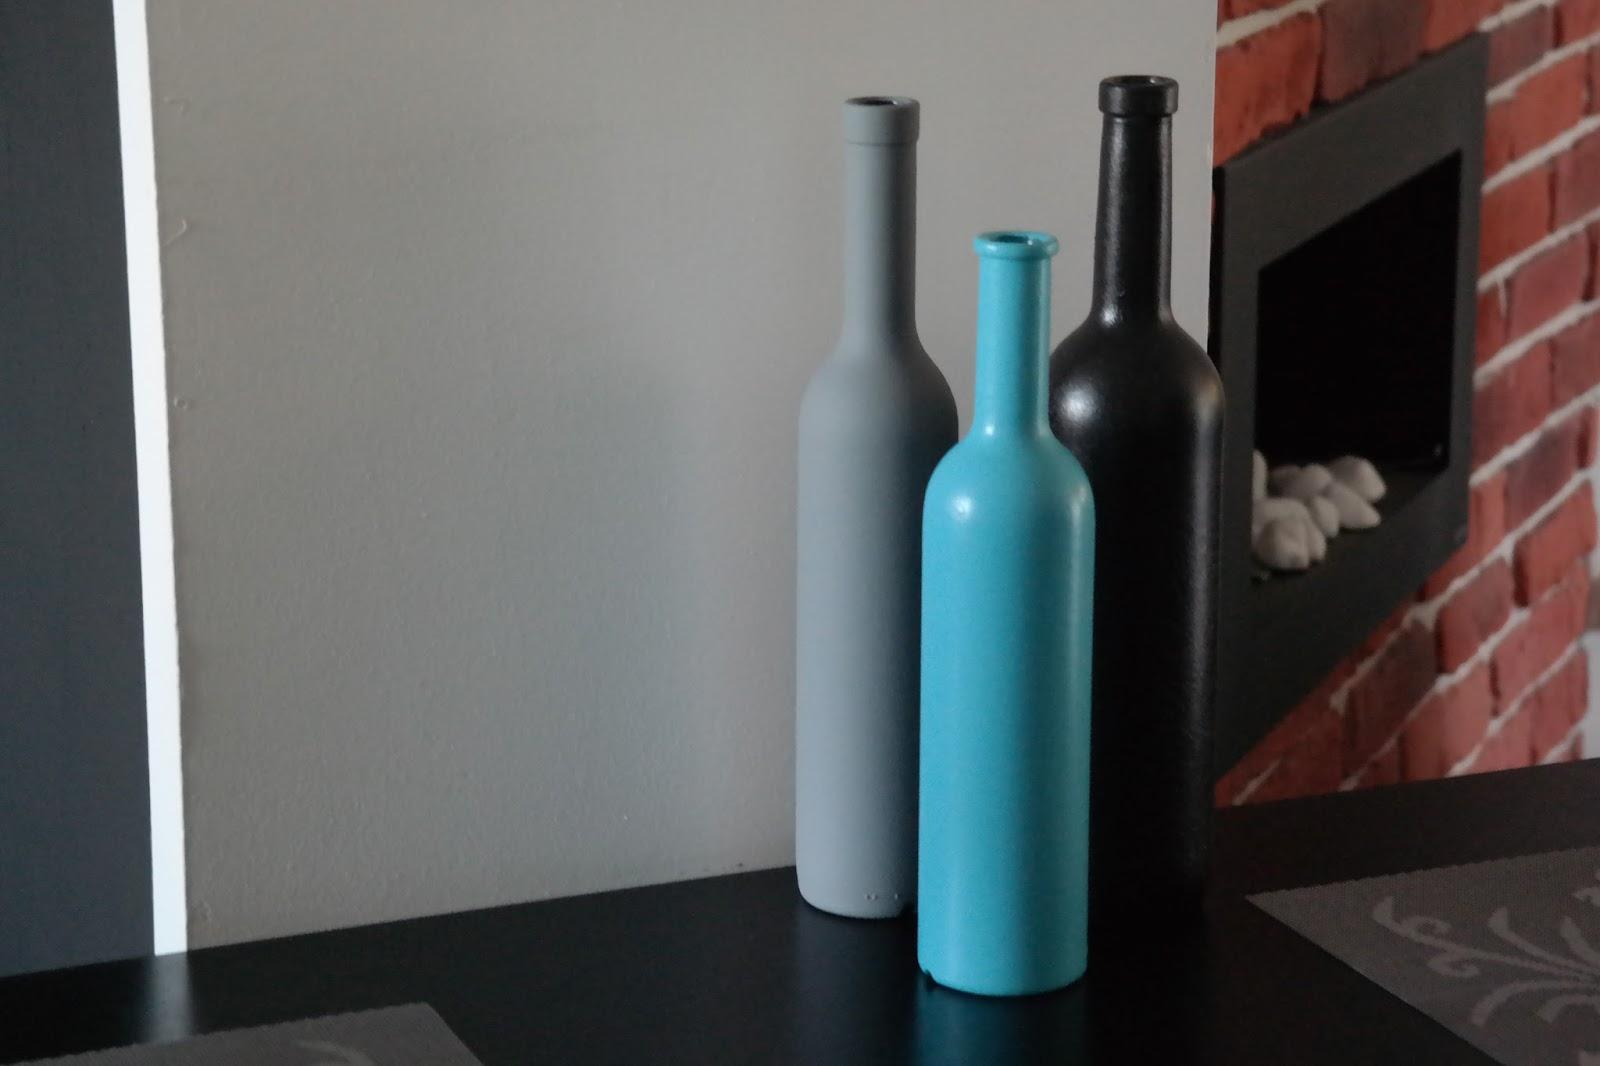 Malowanie butelek czyli recyklingowe ozdoby - DIY